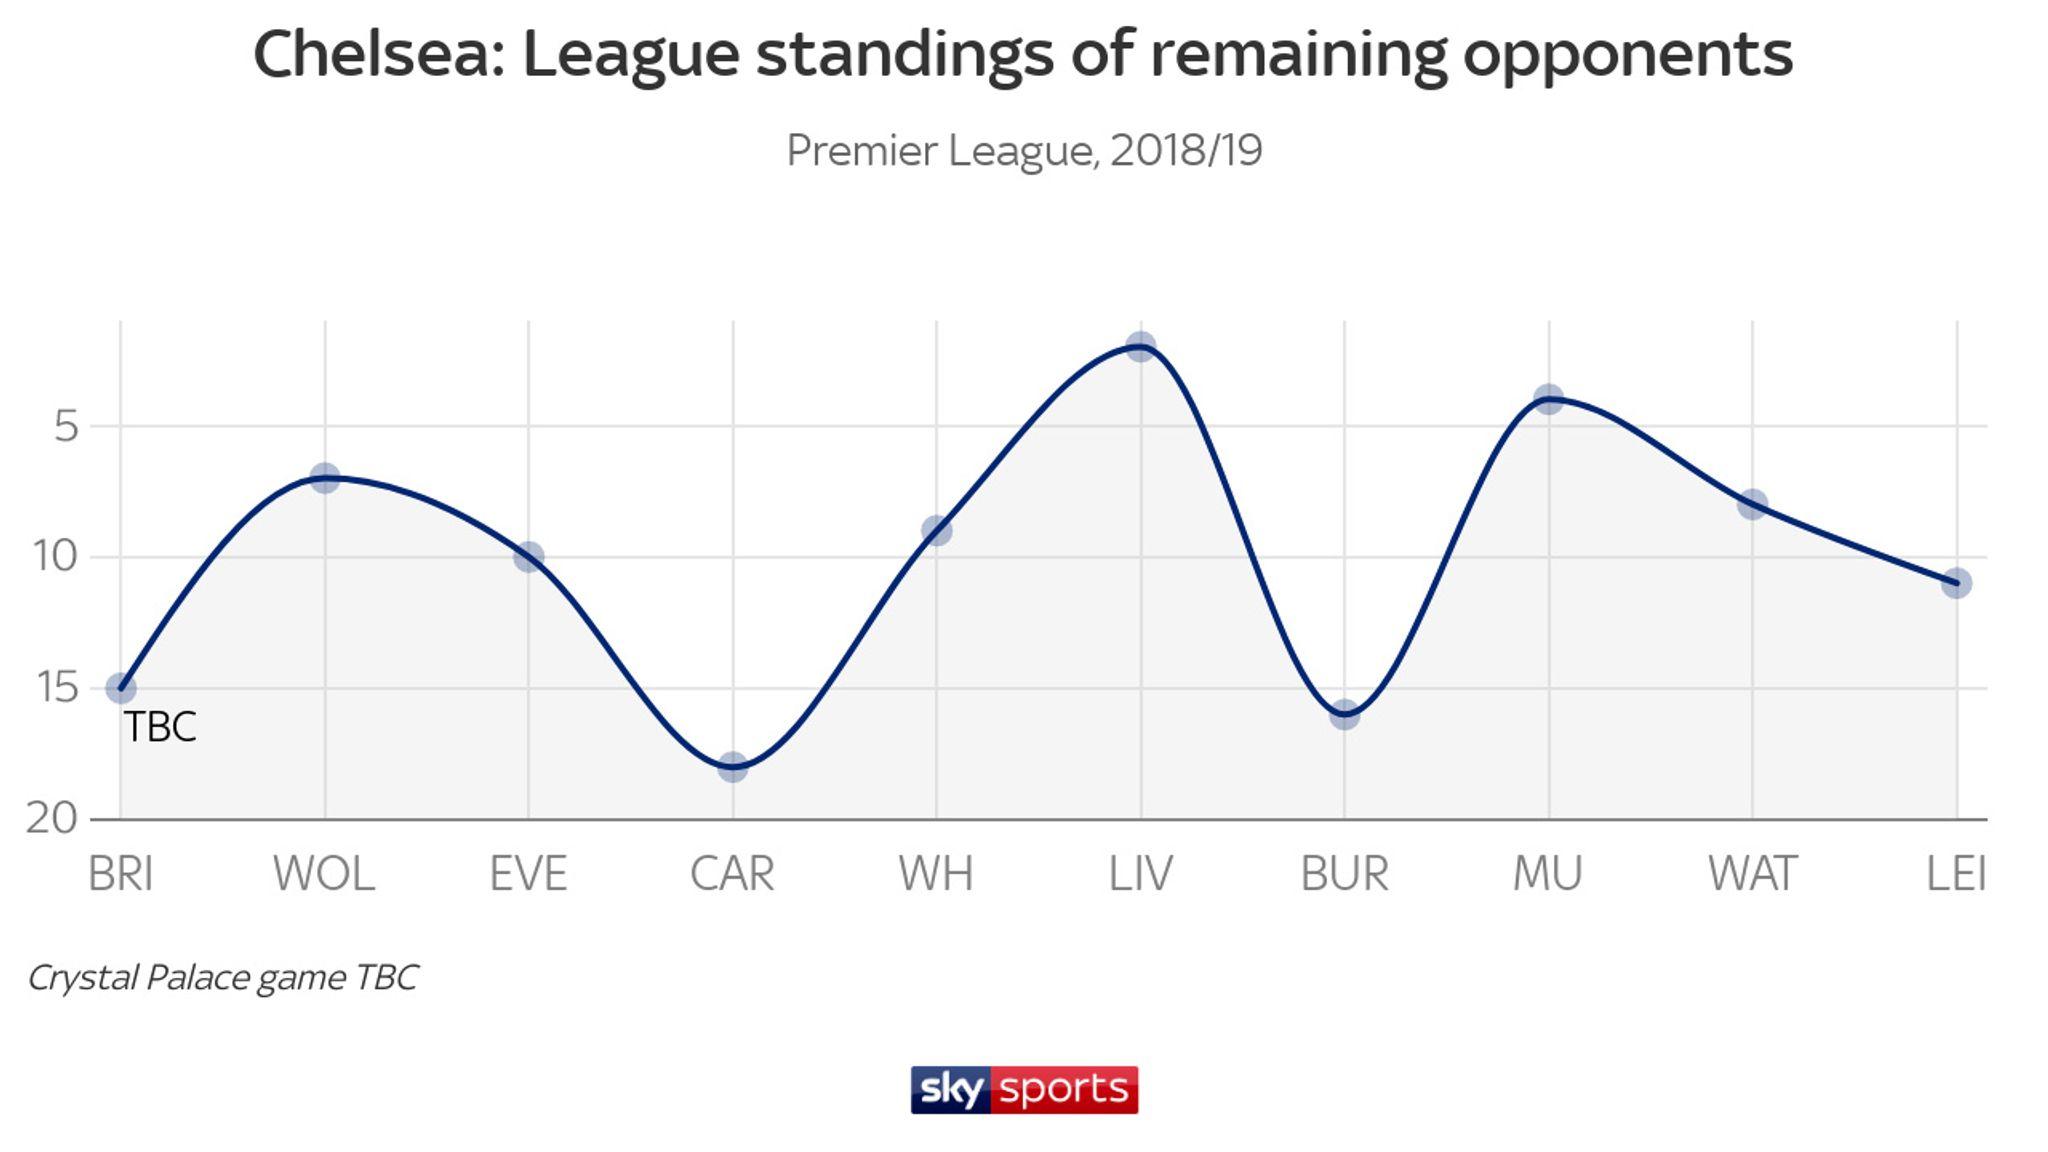 Premier League top-four race for Champions League qualification